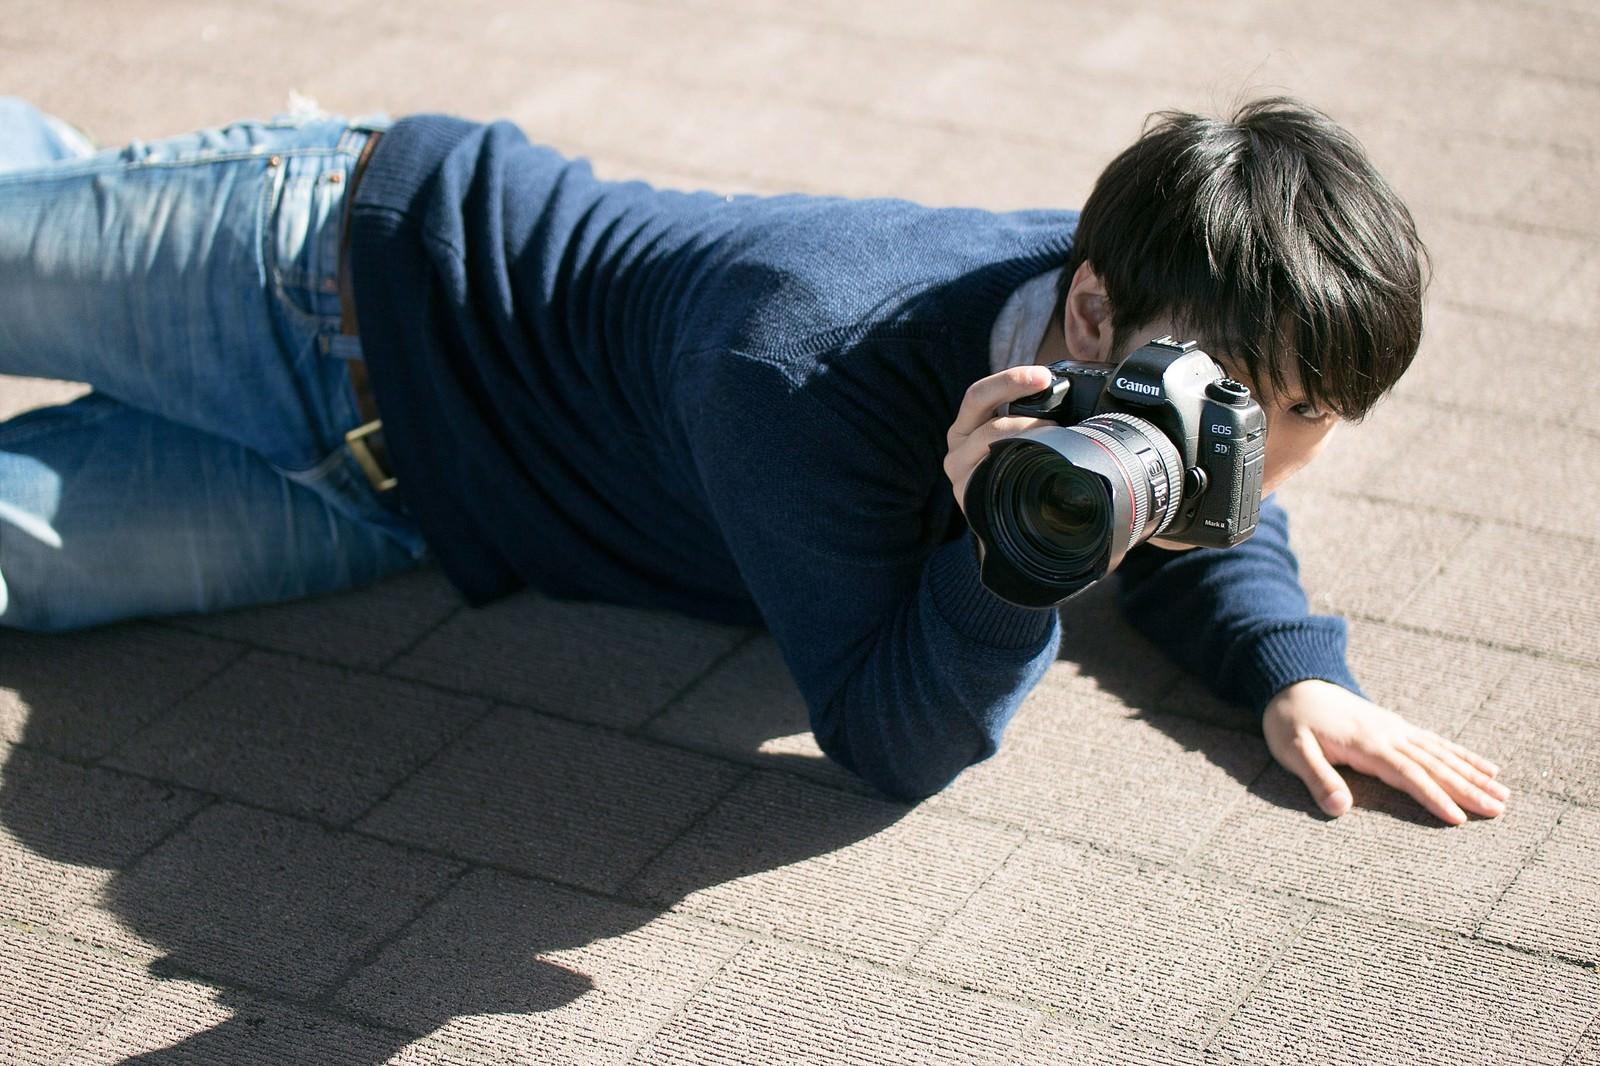 「下心を抑え下なめで撮影するポトレ専門のアマチュアフォトグラファー」の写真[モデル:大川竜弥]